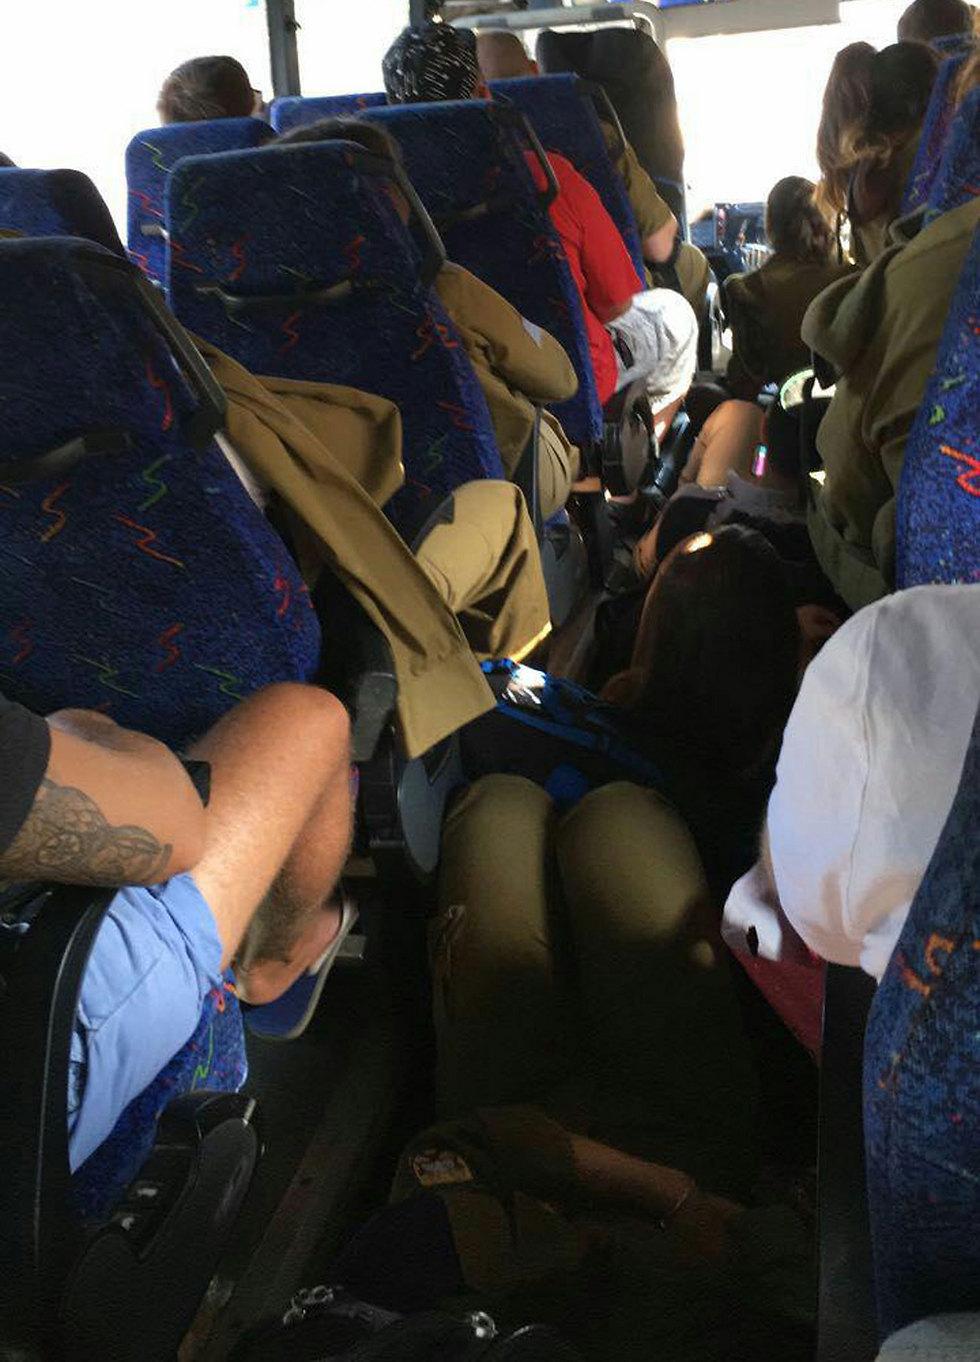 אוטובוס עמוס חיילים שיצא מתל אביב הבוקר